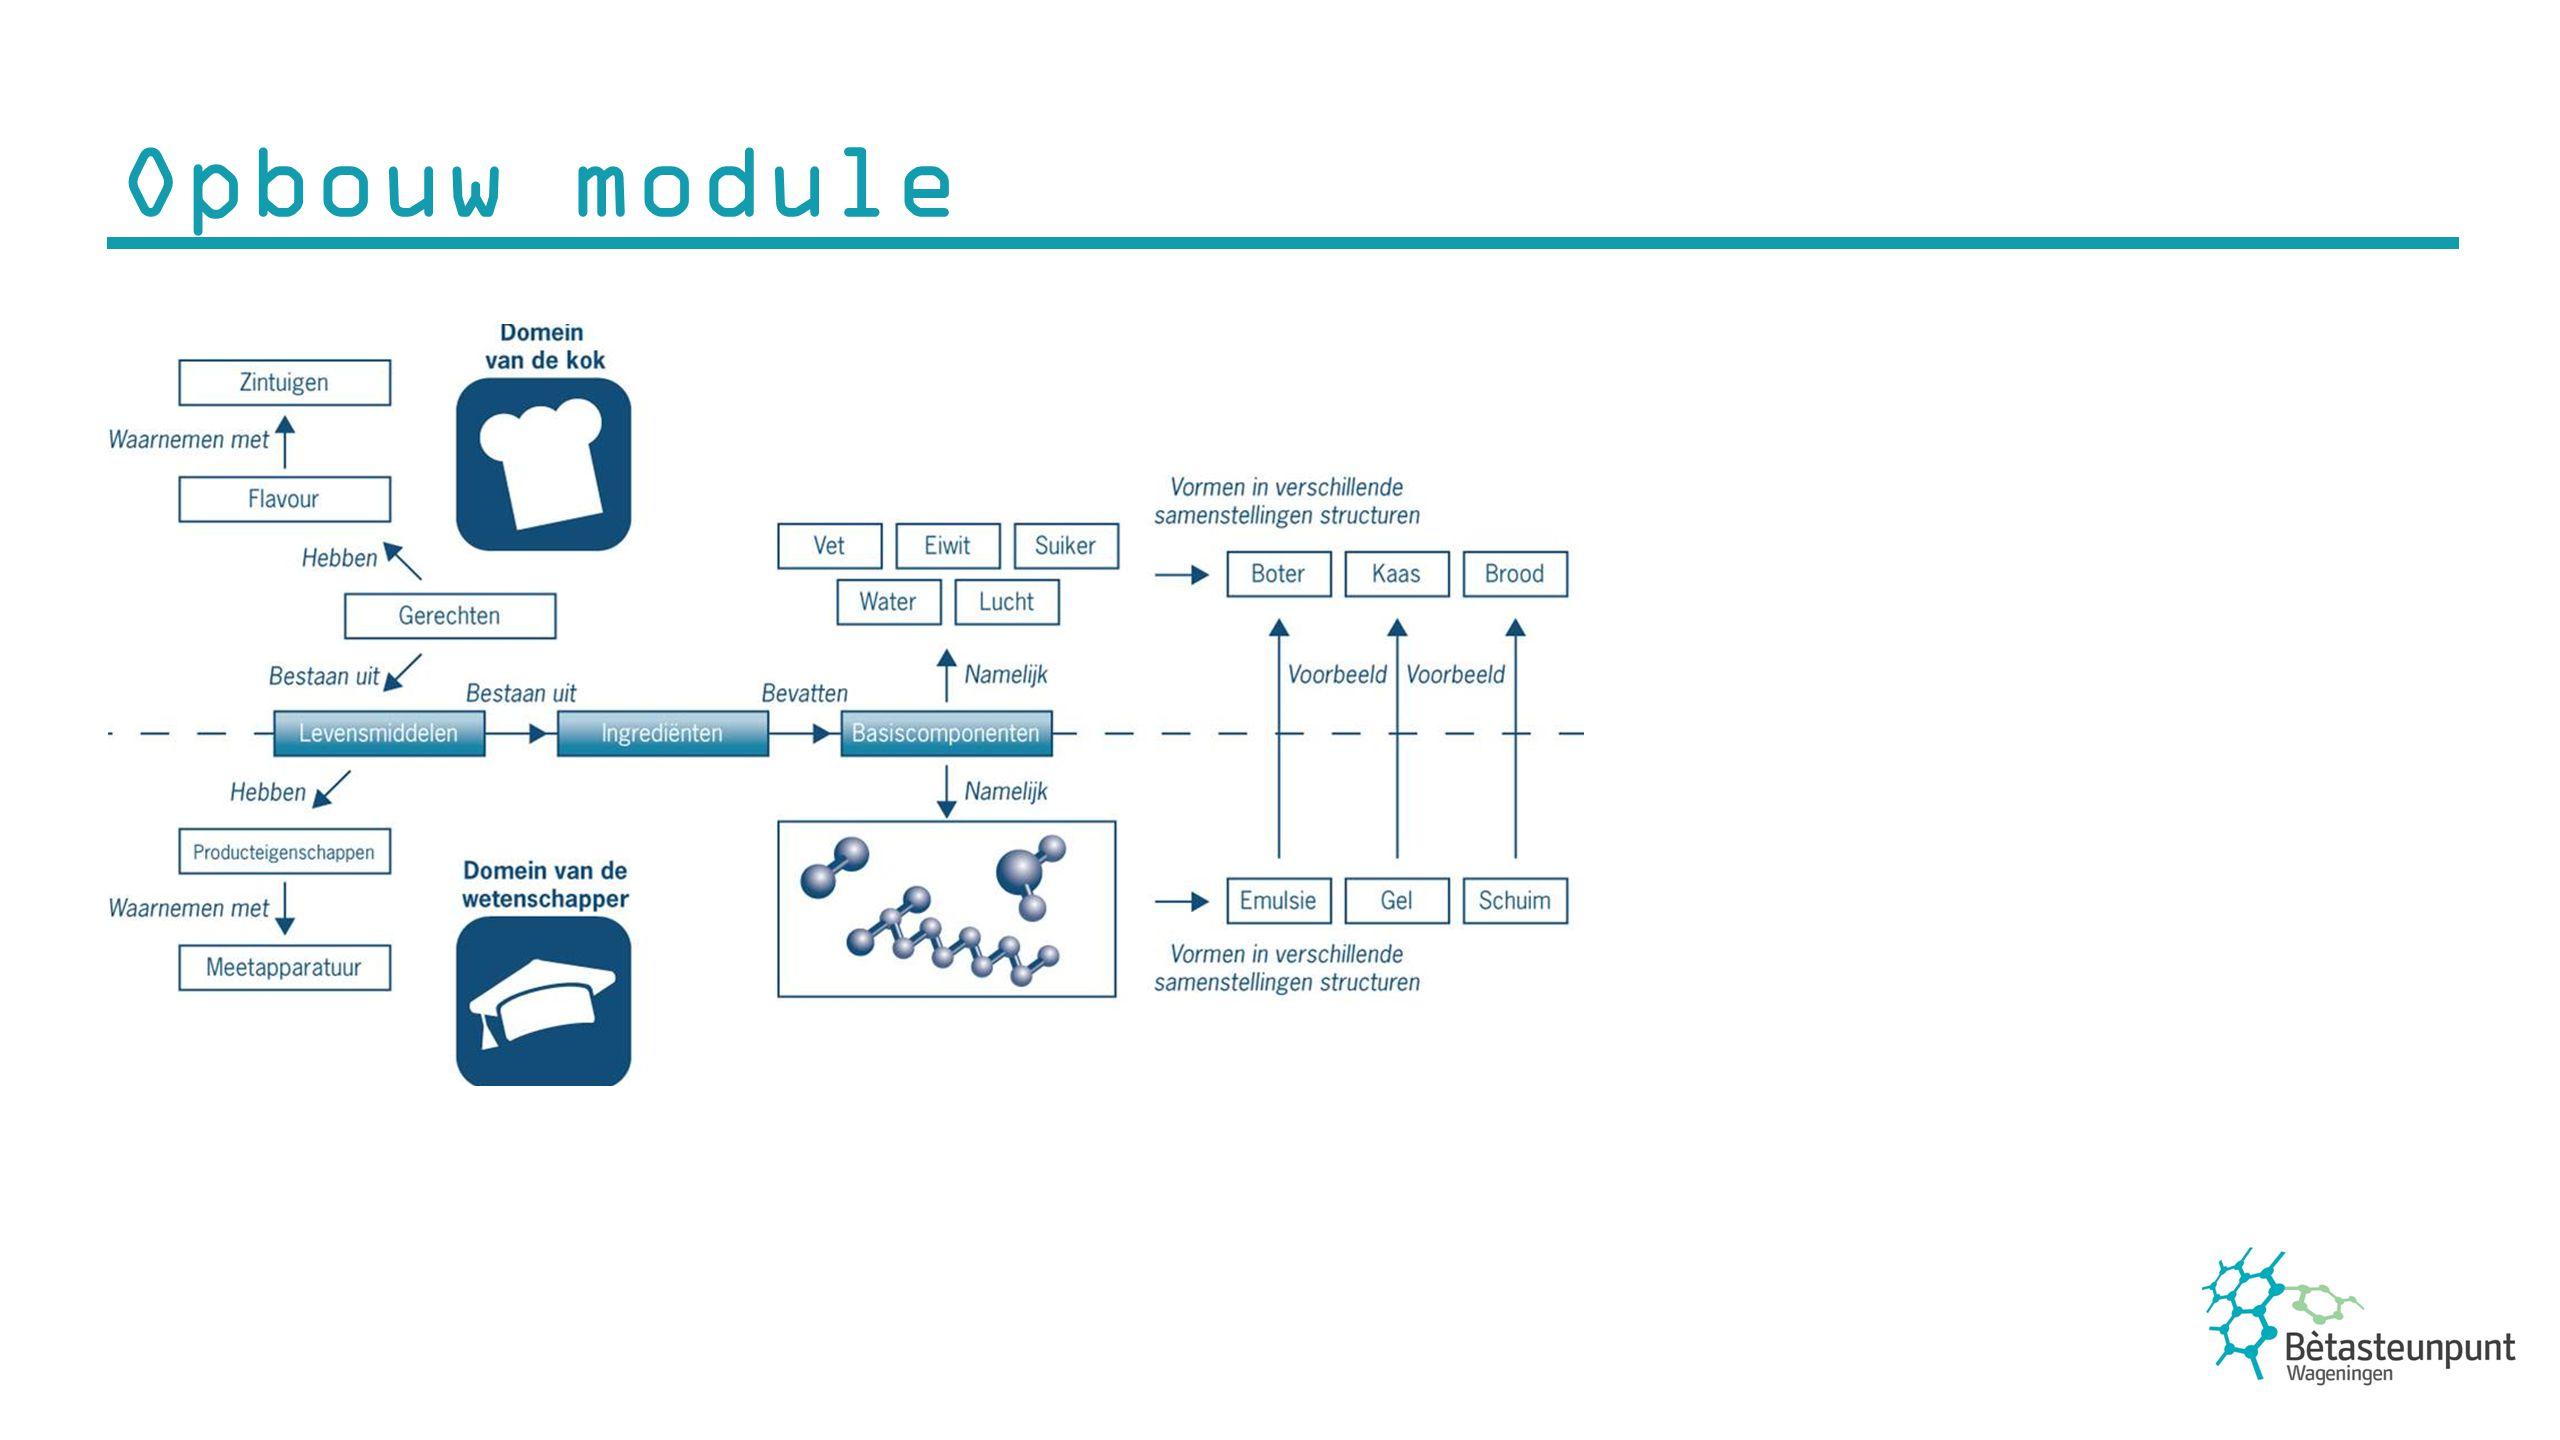 * Plaats afbeelding hier Opbouw module